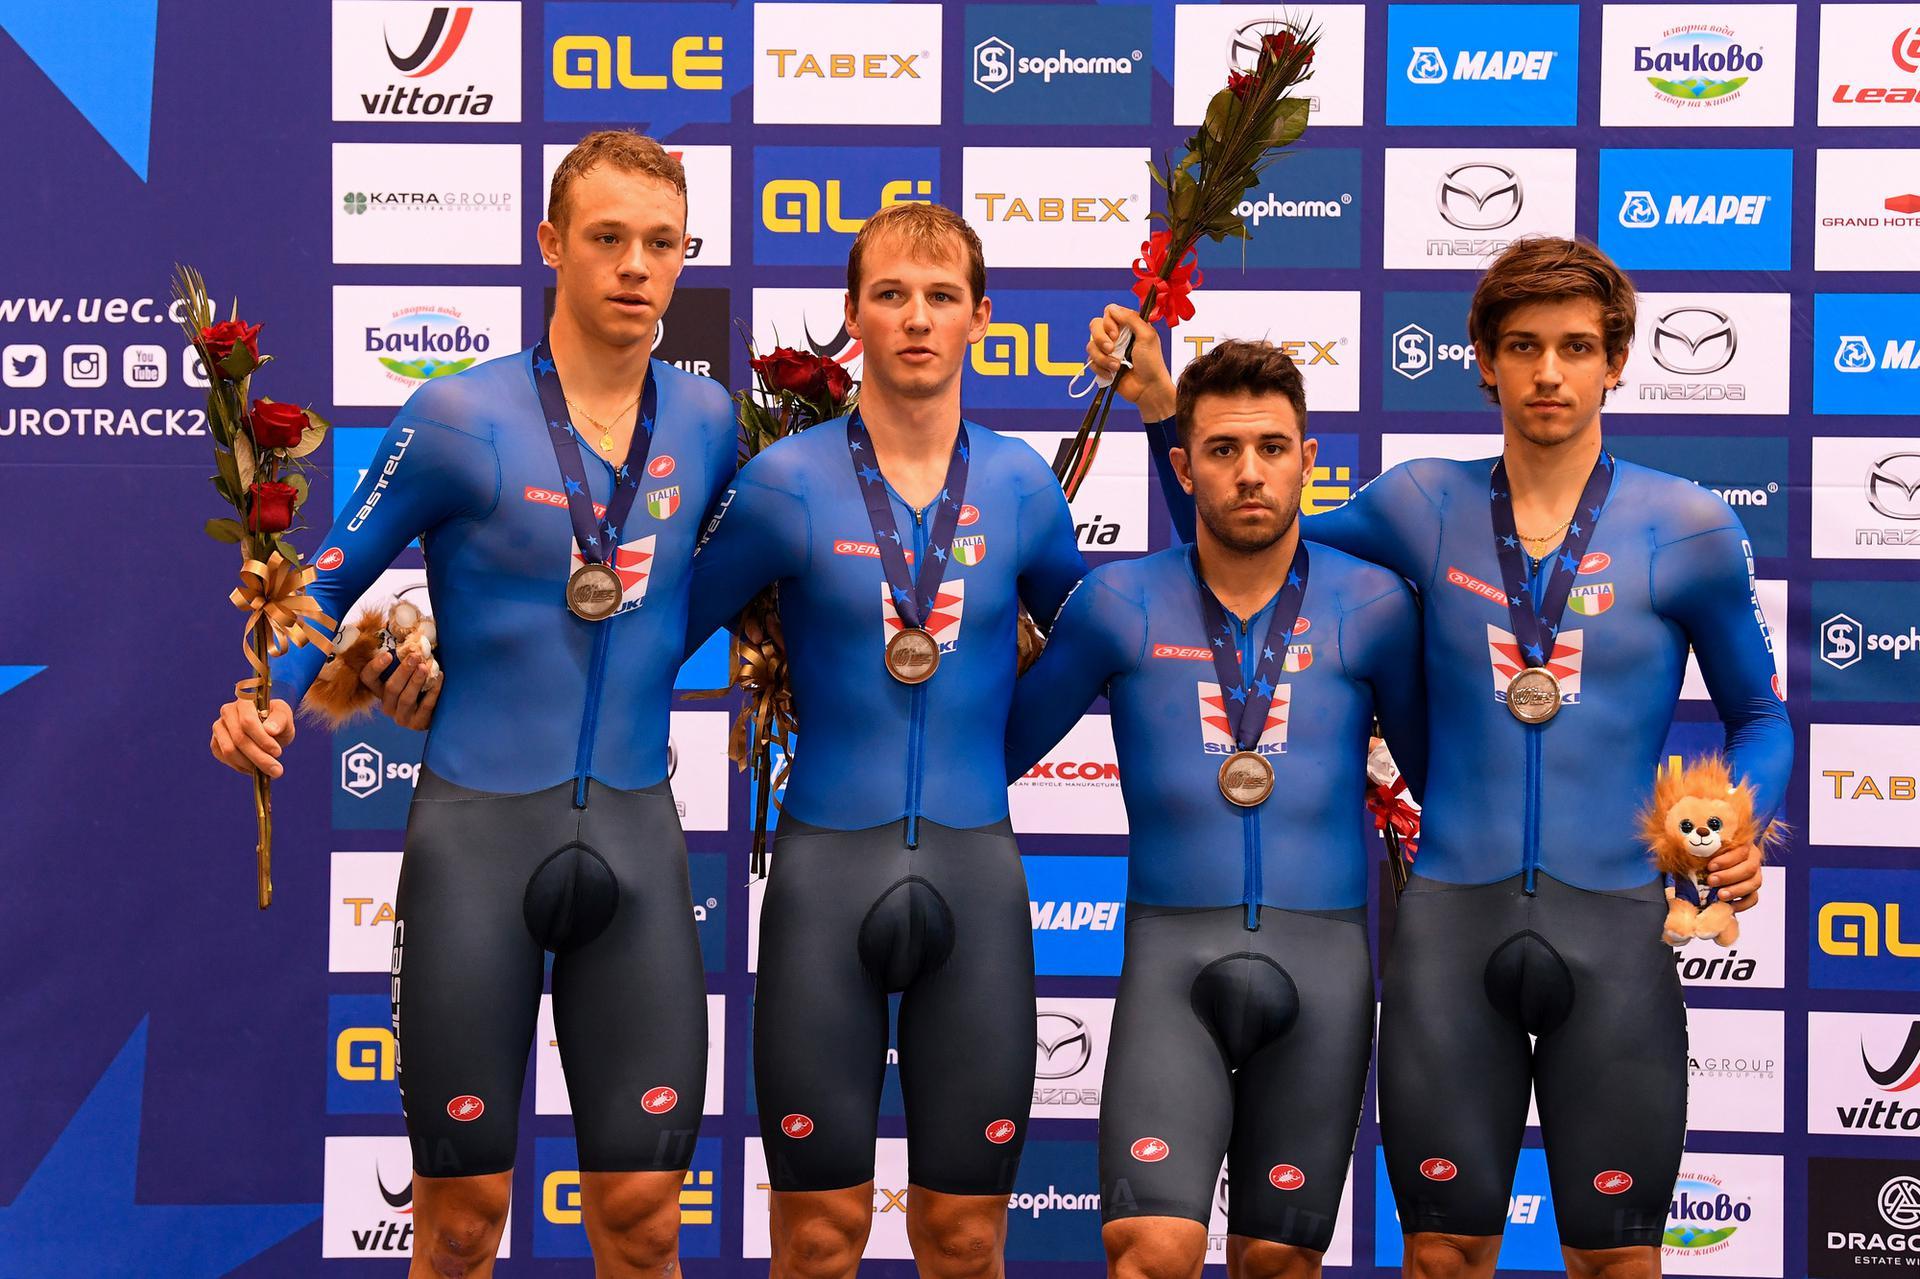 Azzurri argento all'Europeo Inseguimento a squadre Elite di Plovdiv (foto UEC/BettiniPhoto)